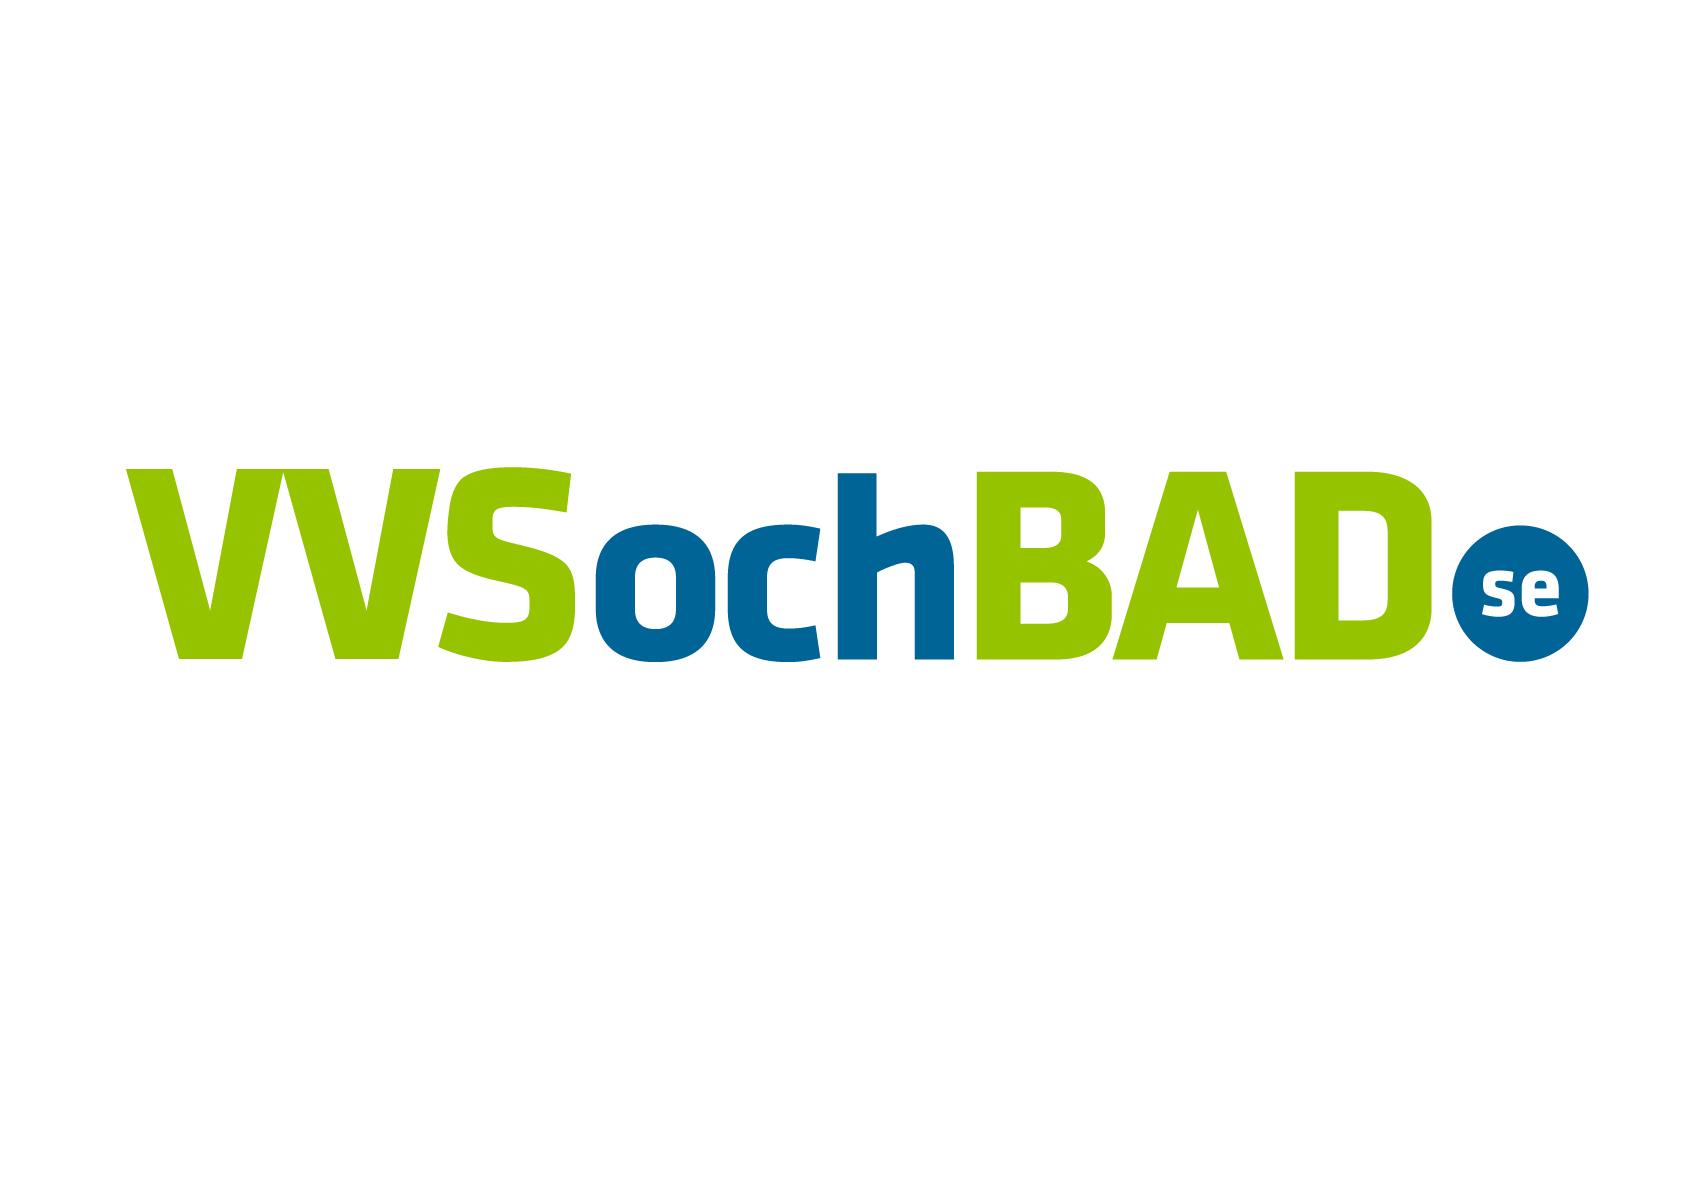 VVS och BAD - SE